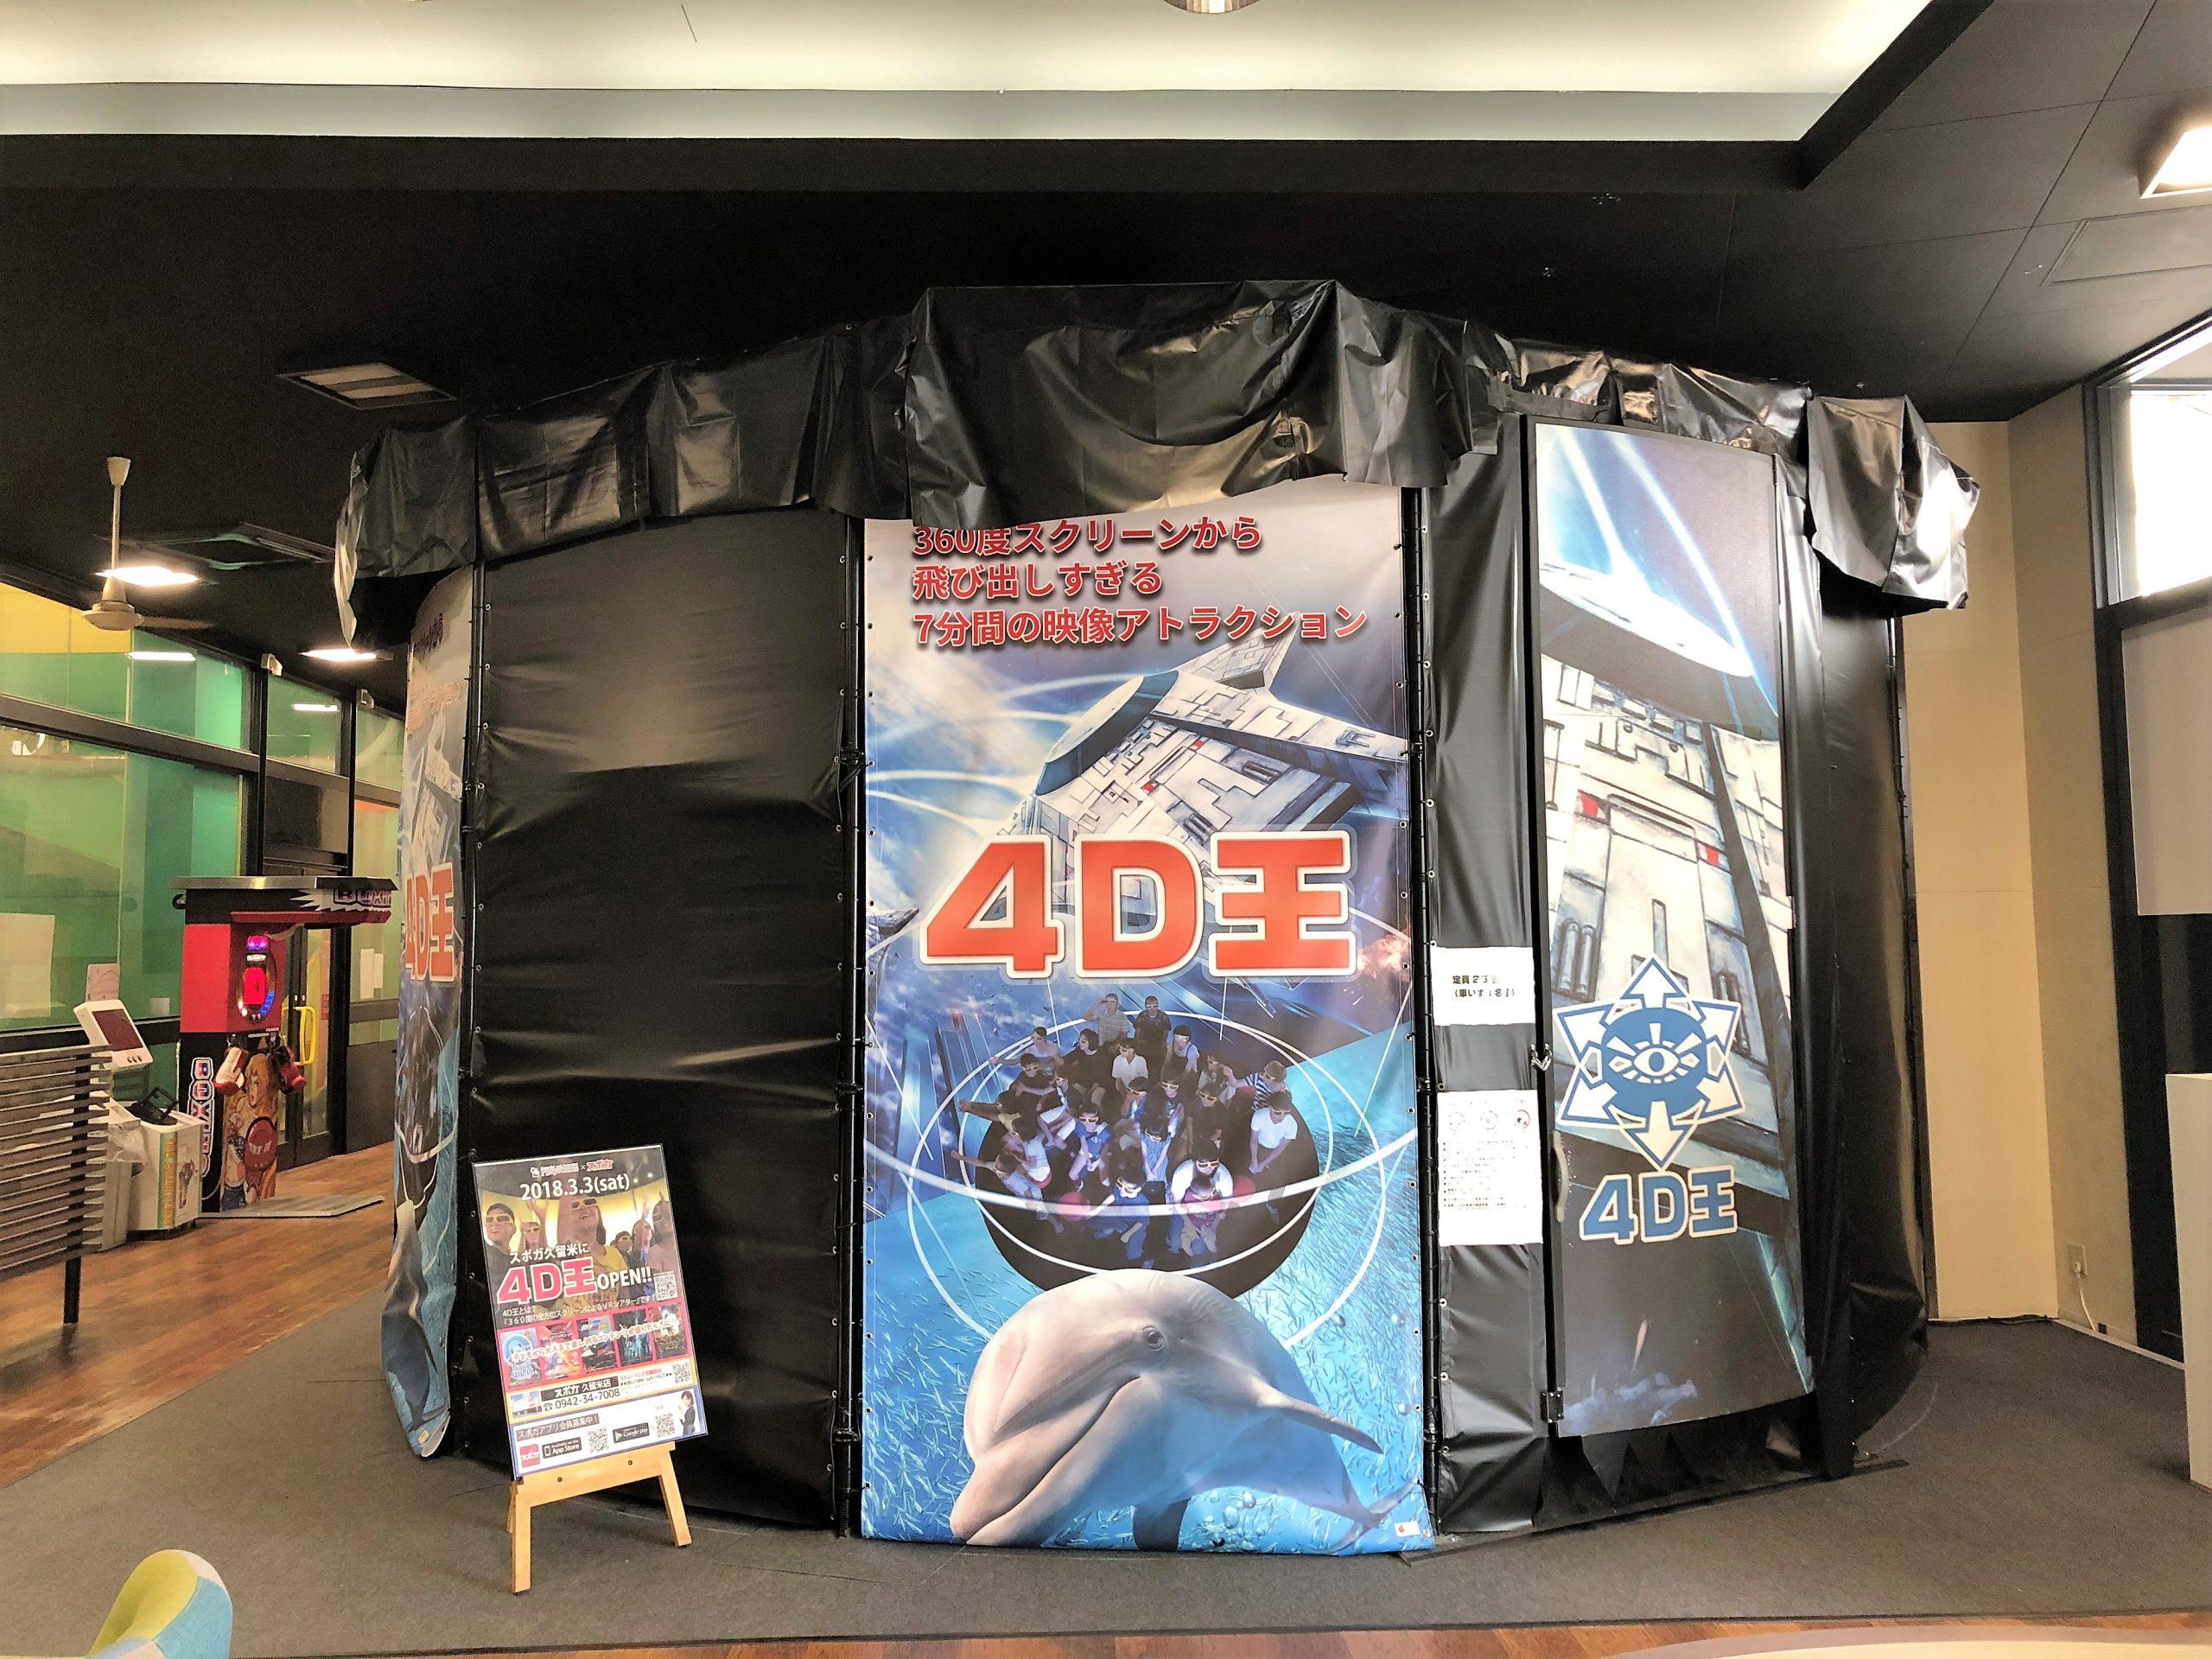 スポガ久留米店「4D王」